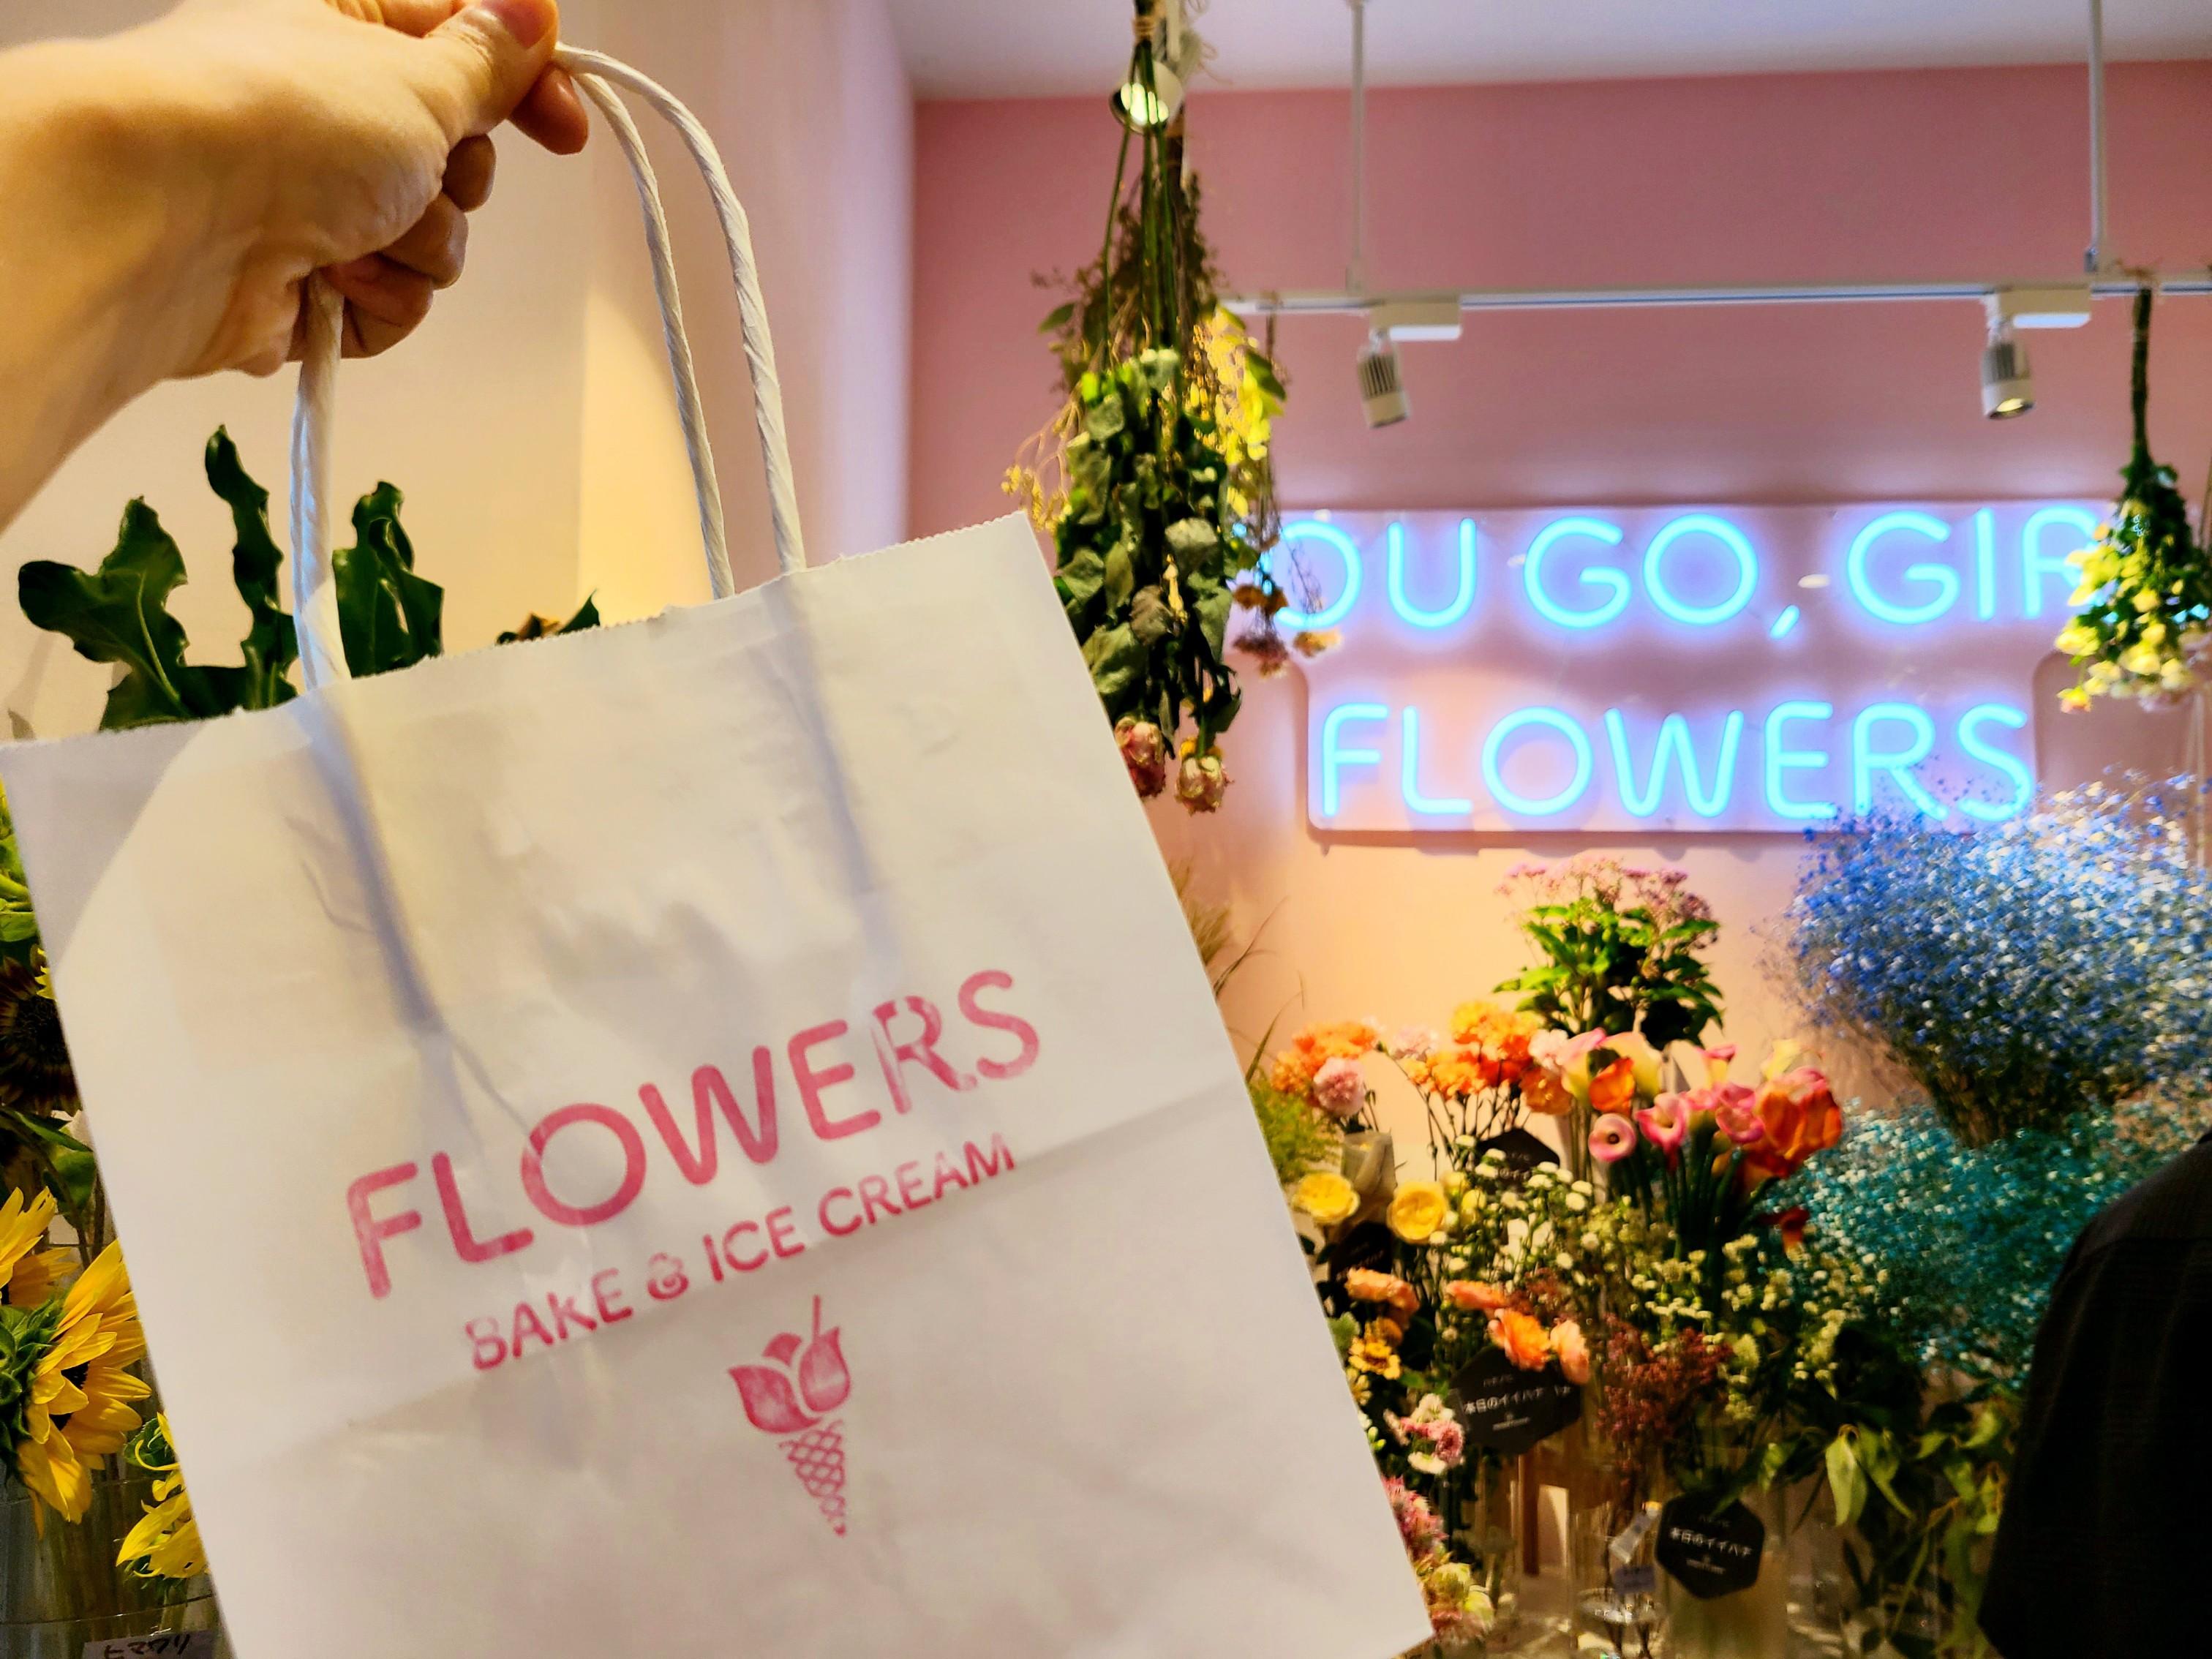 《FLOWERS BAKE&ICE CREAM》お花をコンセプトにしたカフェに行ってきた!@立川_1